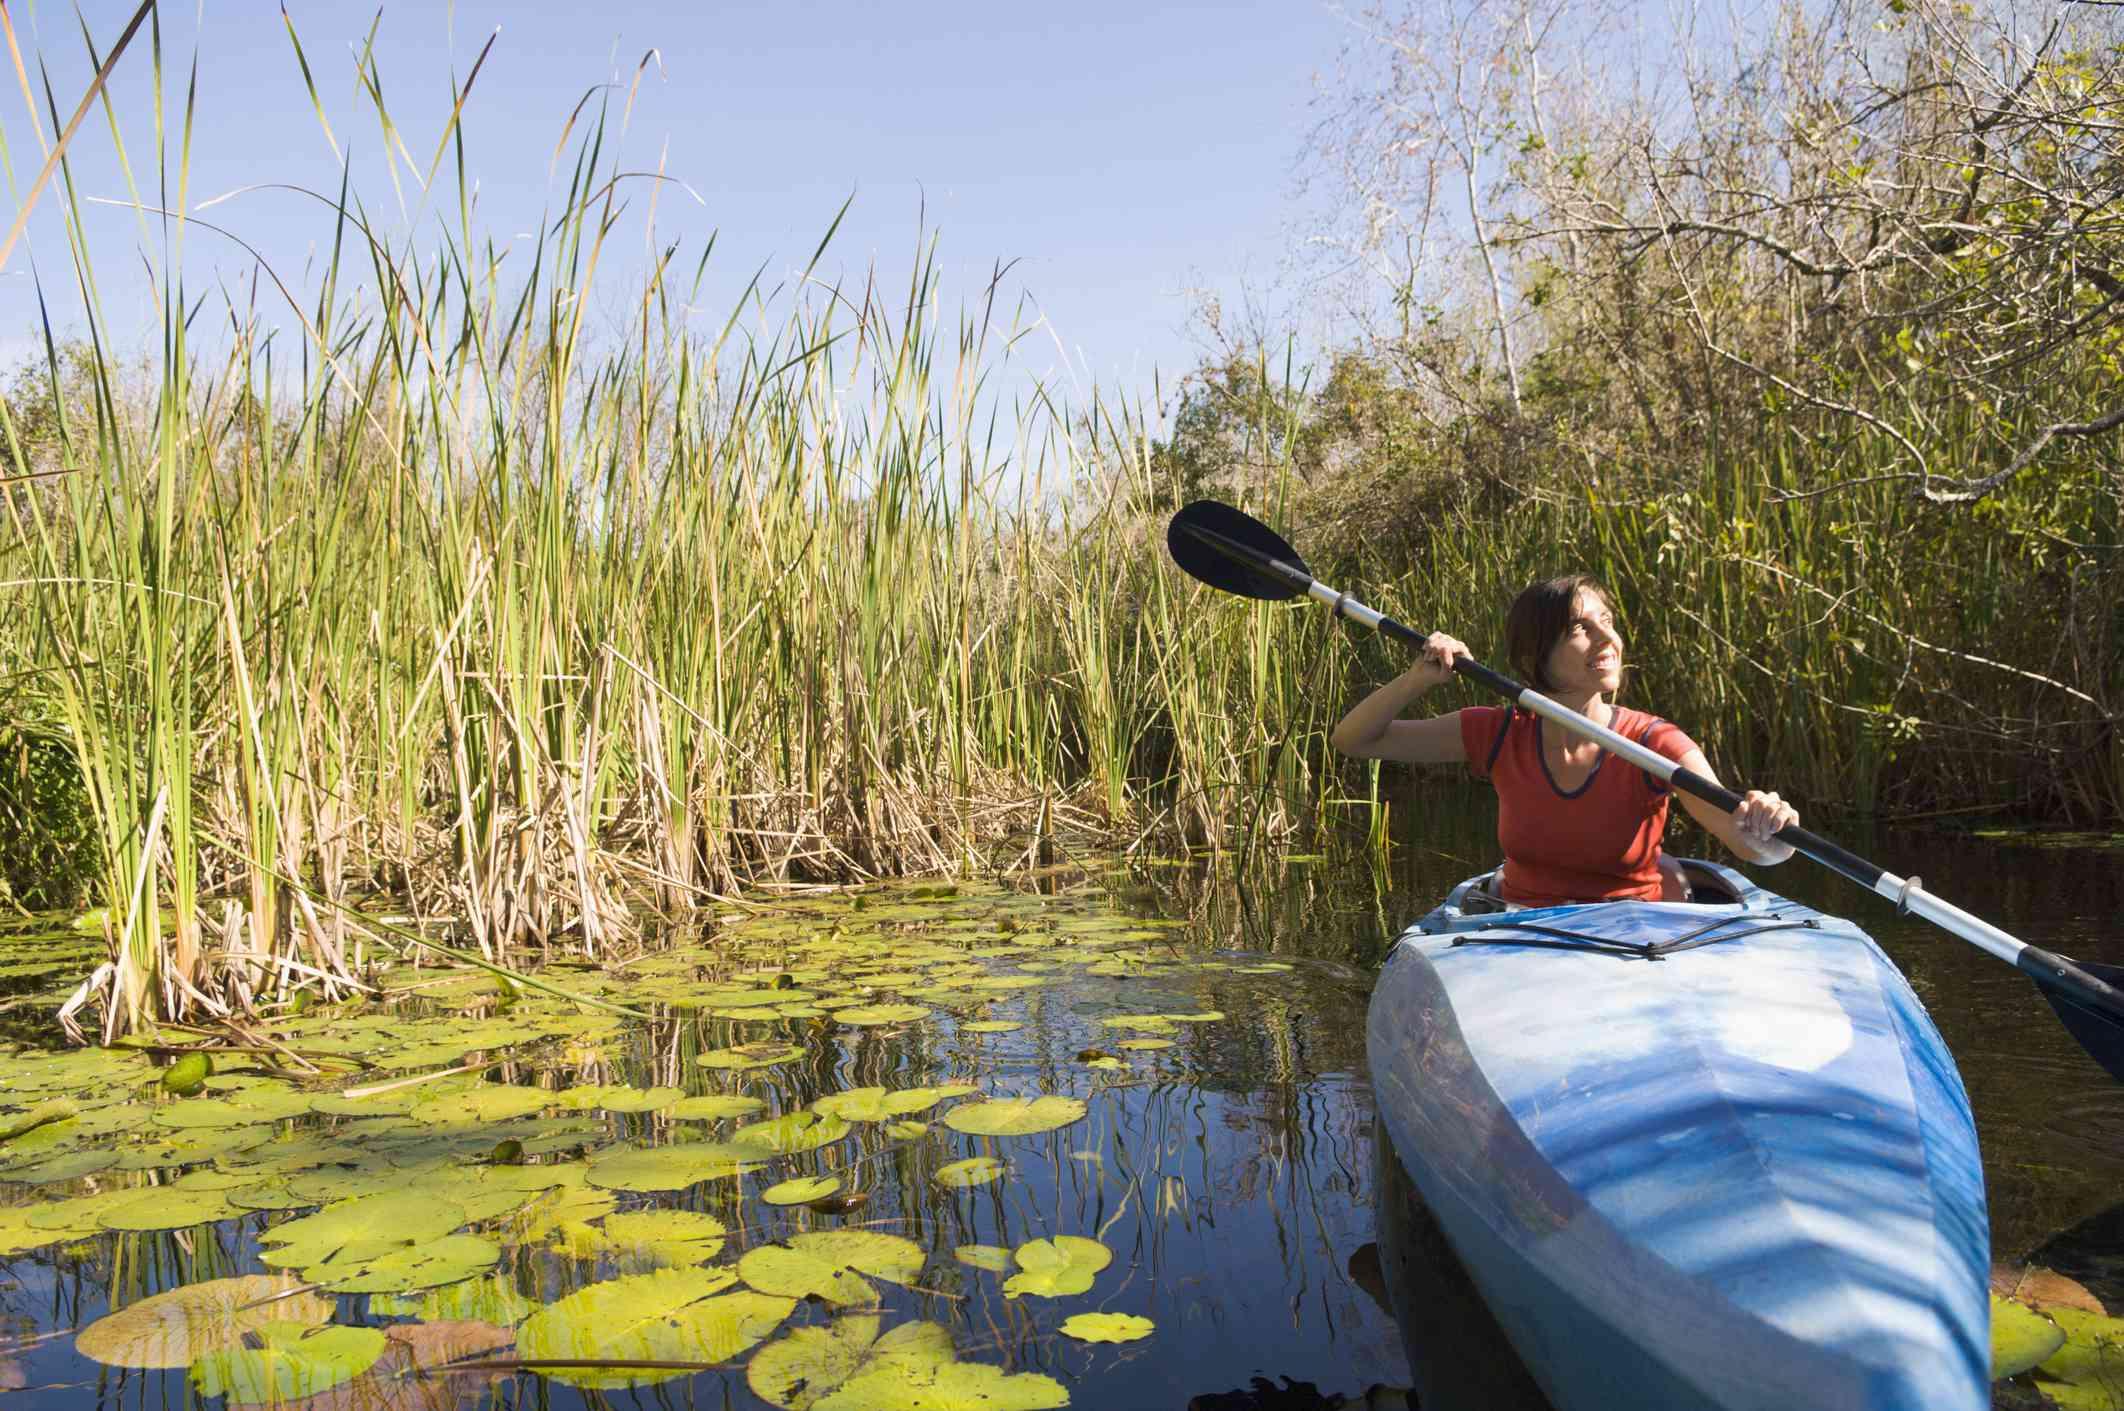 Hispanic woman paddling kayak in everglades